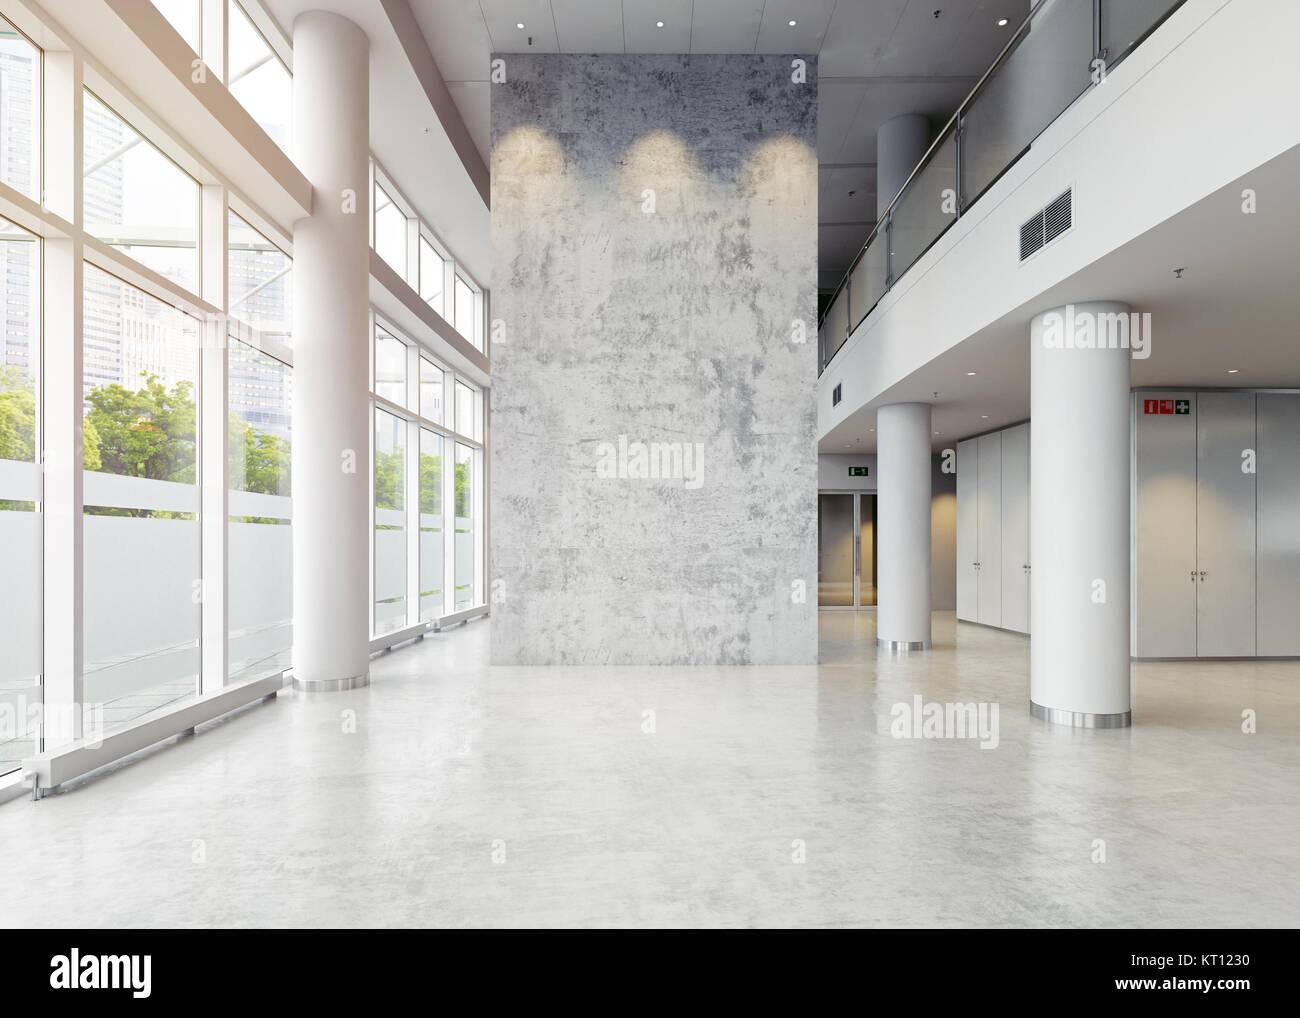 Moderne Unternehmen Halle Architektur. 3D-Konzept Stockbild